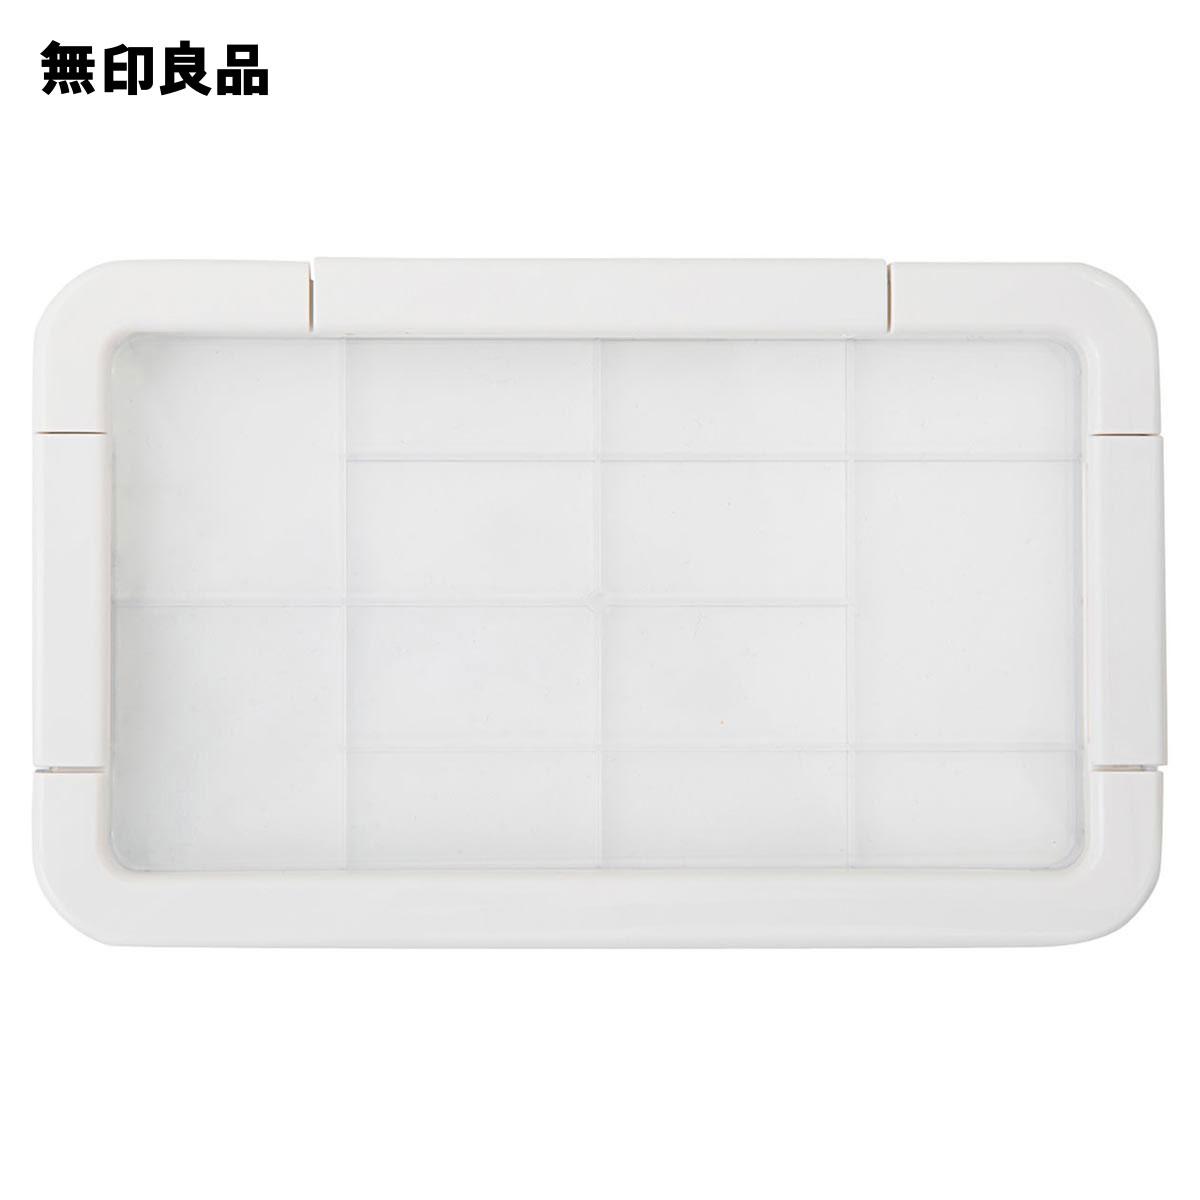 無印良品 公式 スマートフォン用防水ケース 大 安売り 限定品